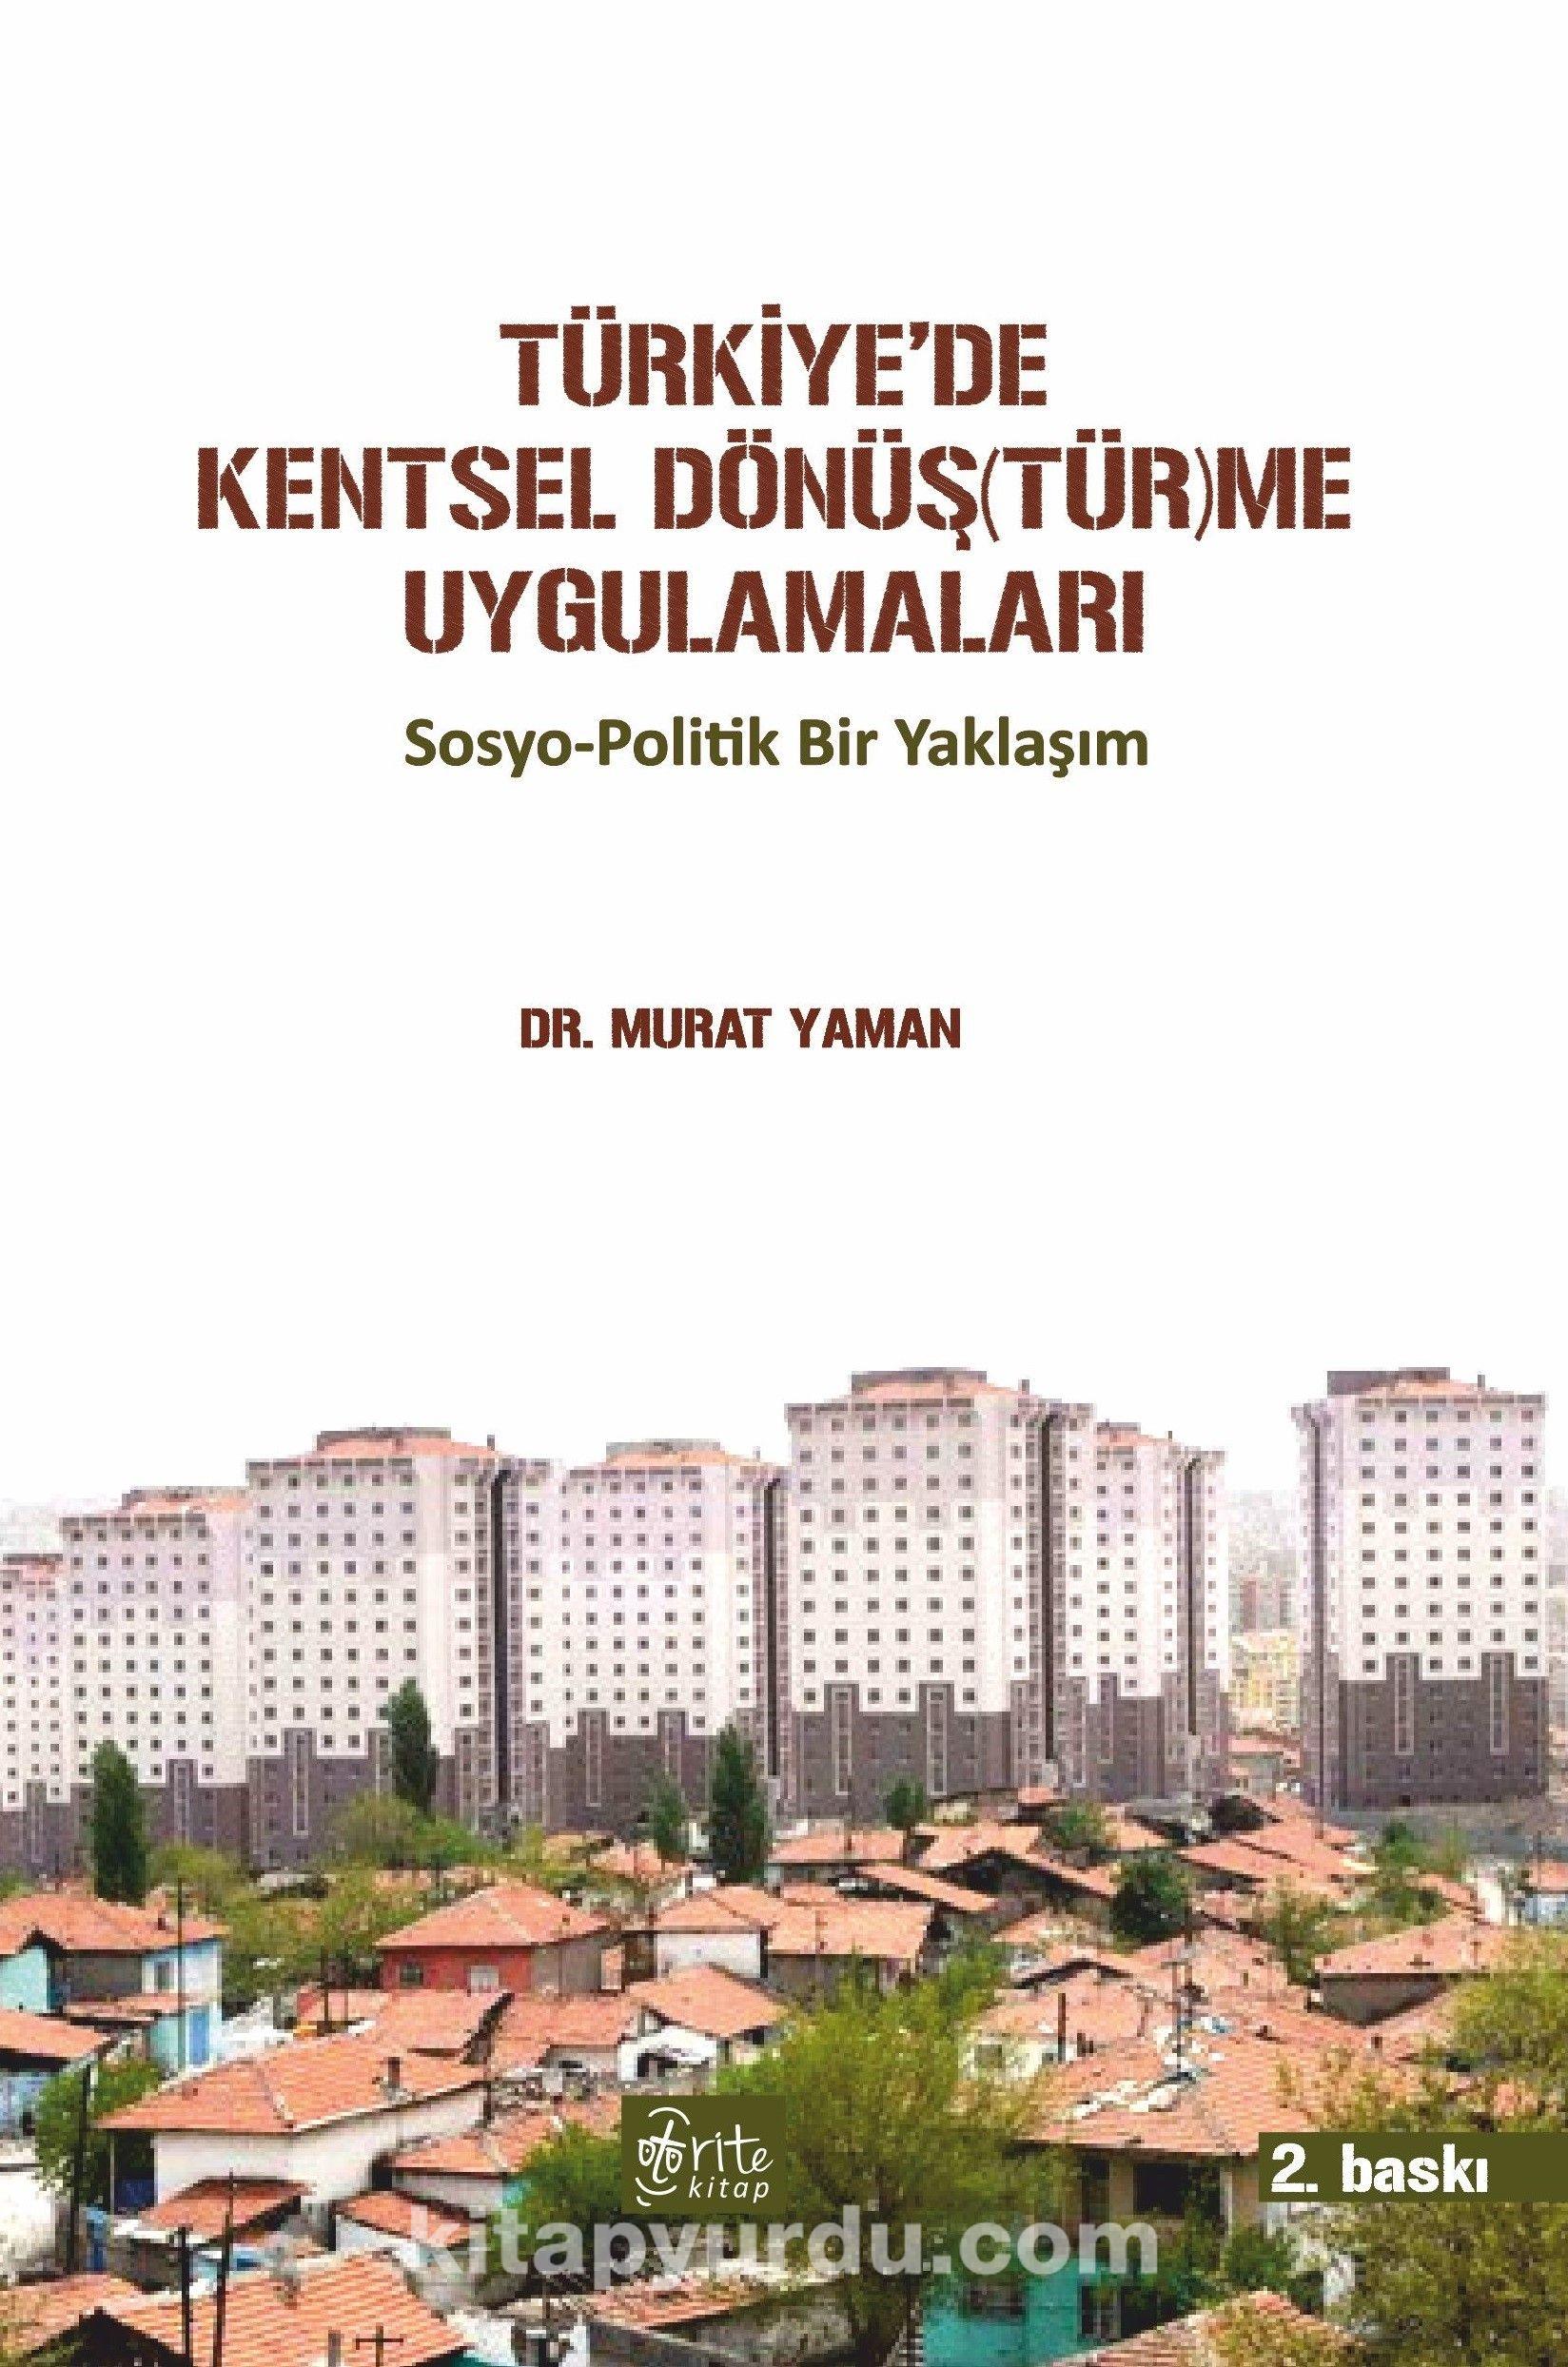 Türkiye'de Kentsel Dönüştürme UygulamalarıSosyo-Politik Bir Yaklaşım - Murat Yaman pdf epub